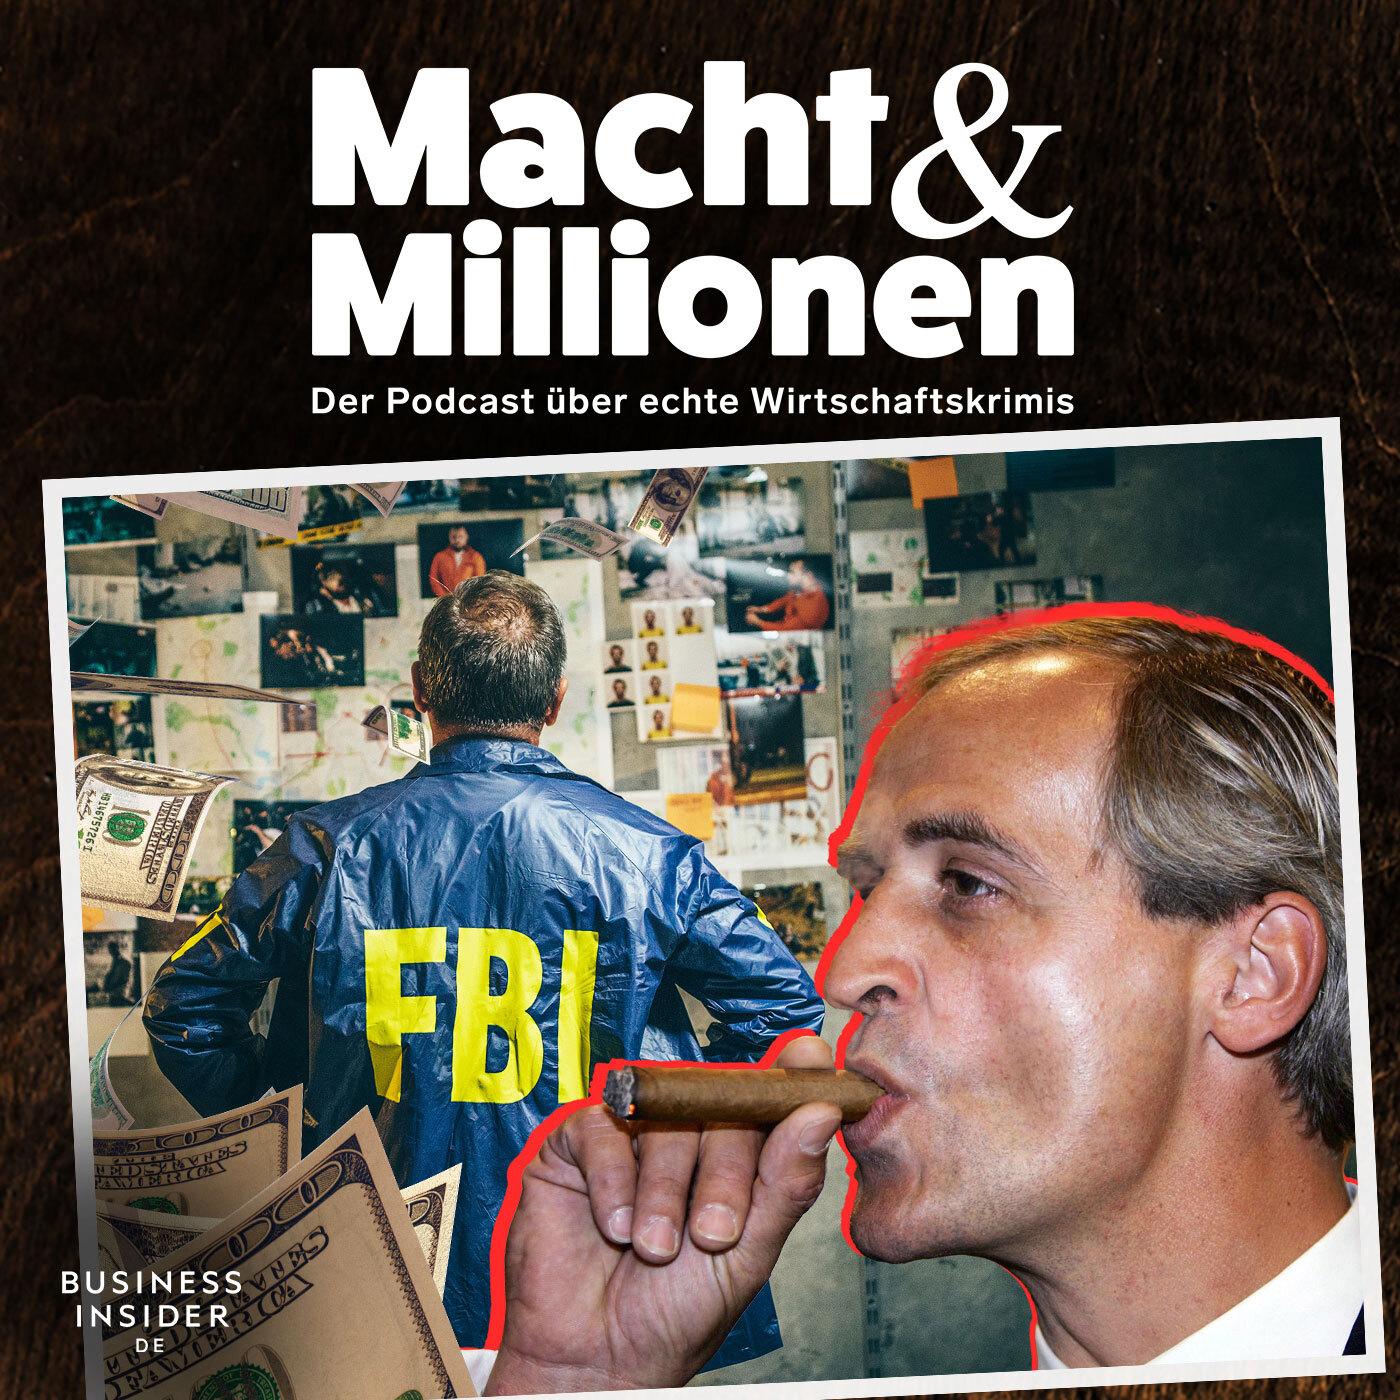 #12 Florian Homm: Verfolgt von FBI und Kopfgeldjägern